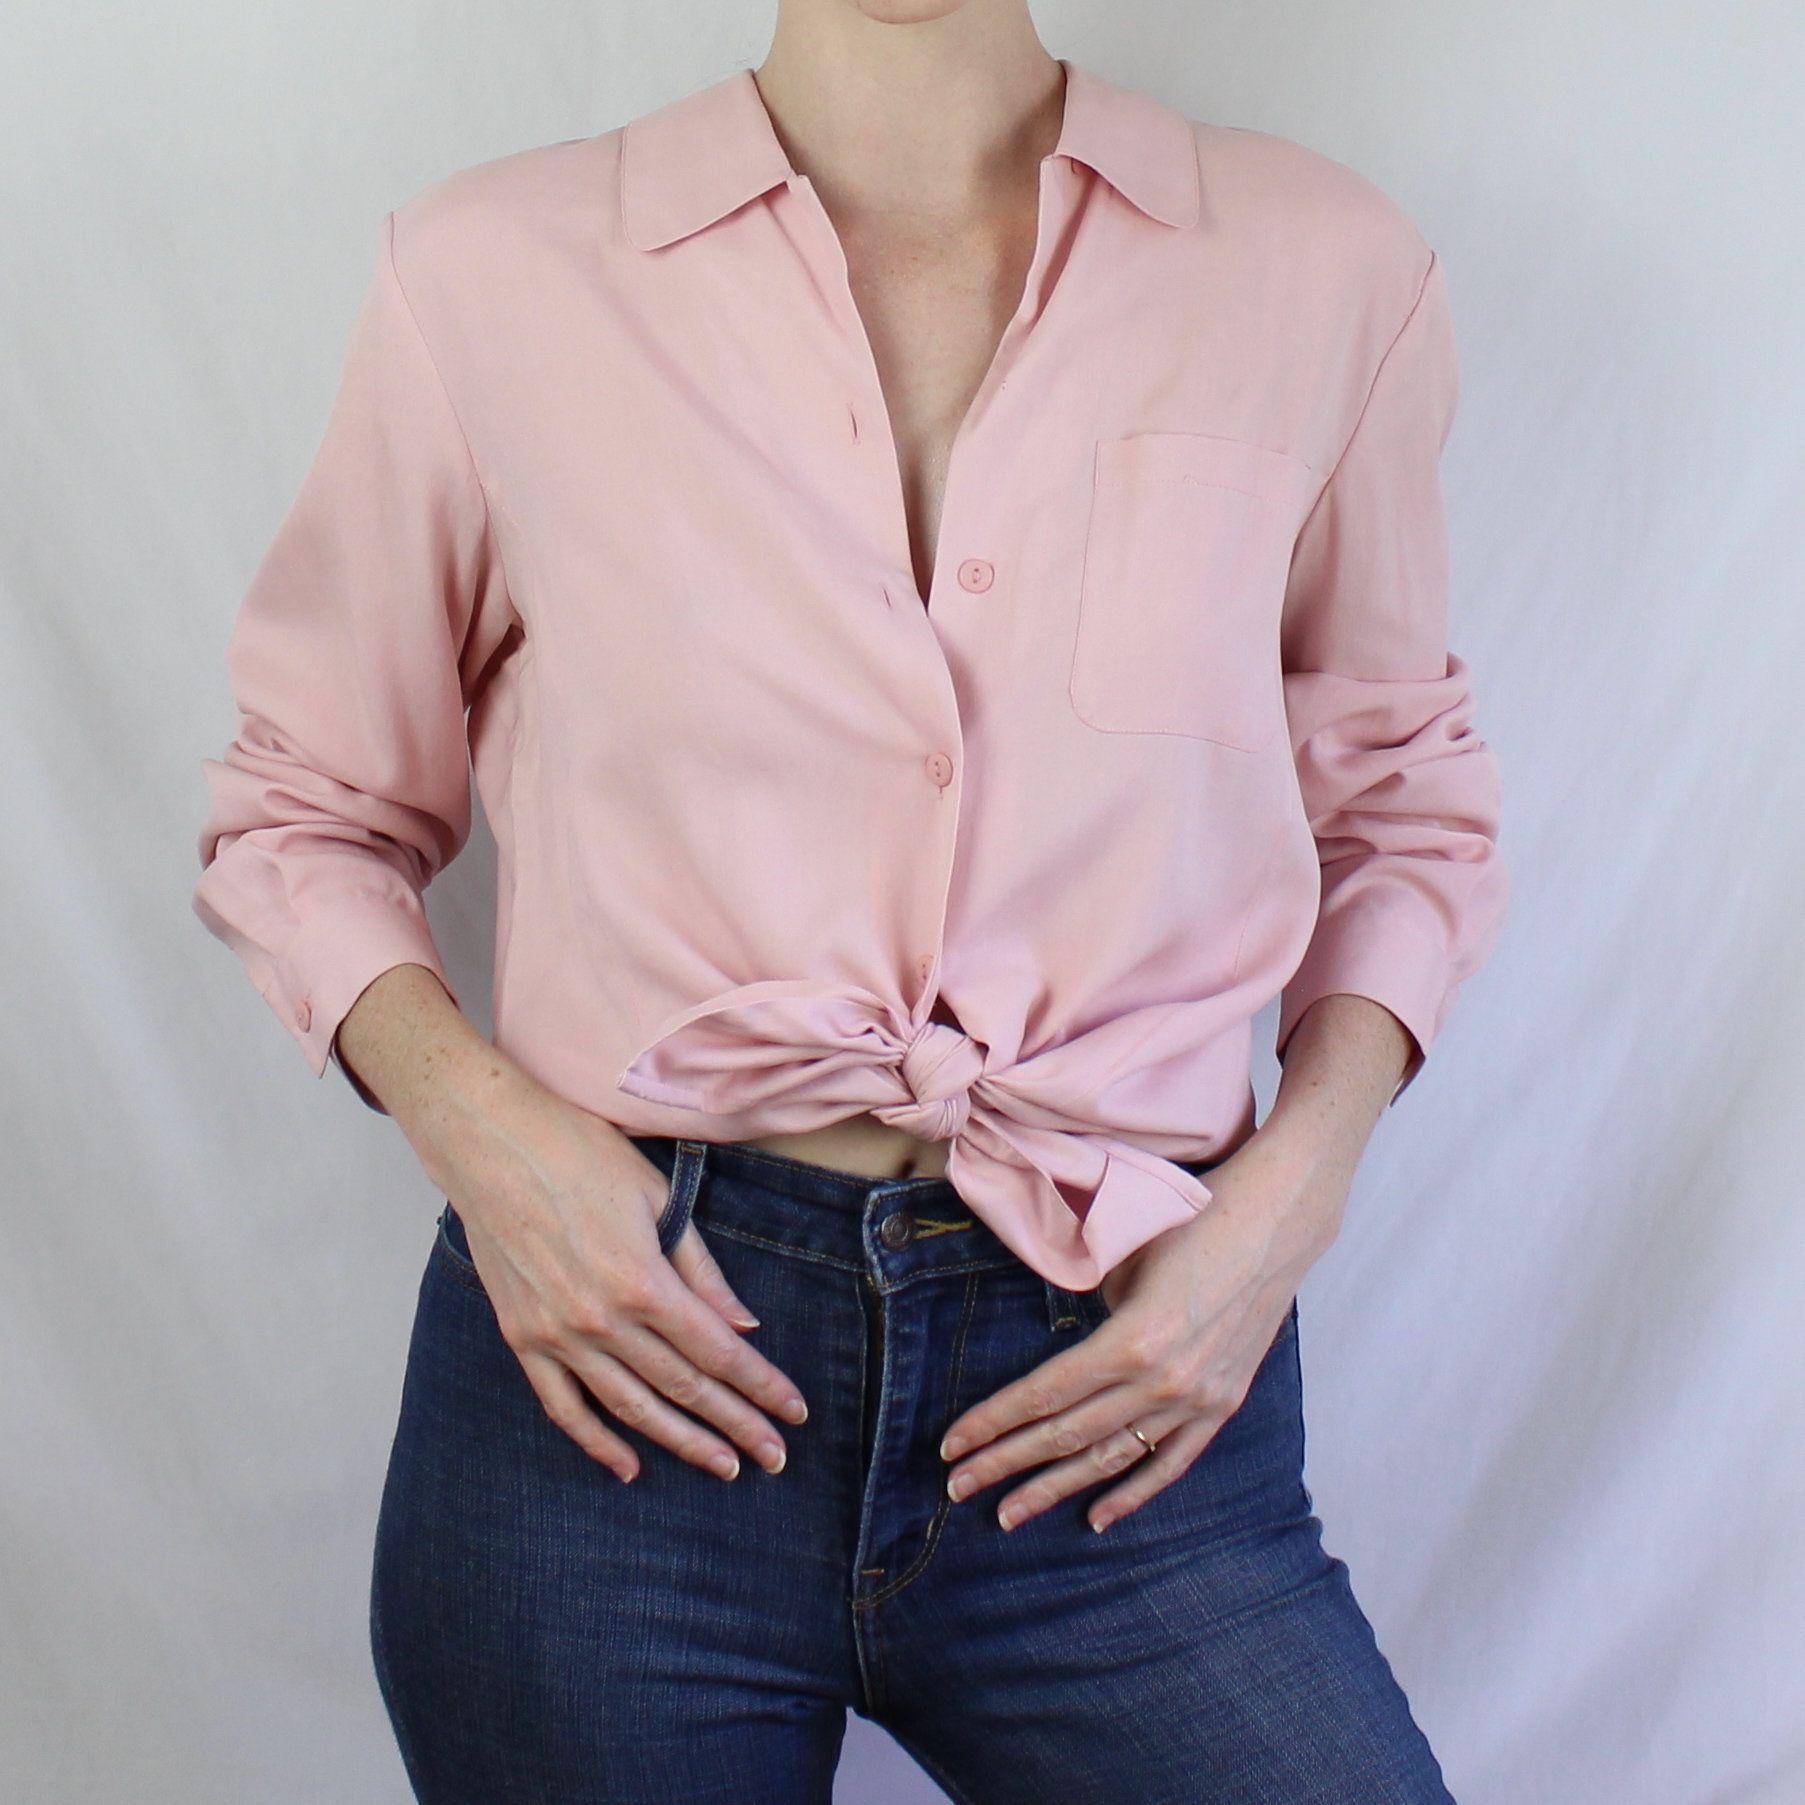 M L Vintage 90s shirt top SALE Floral Silk Blouse